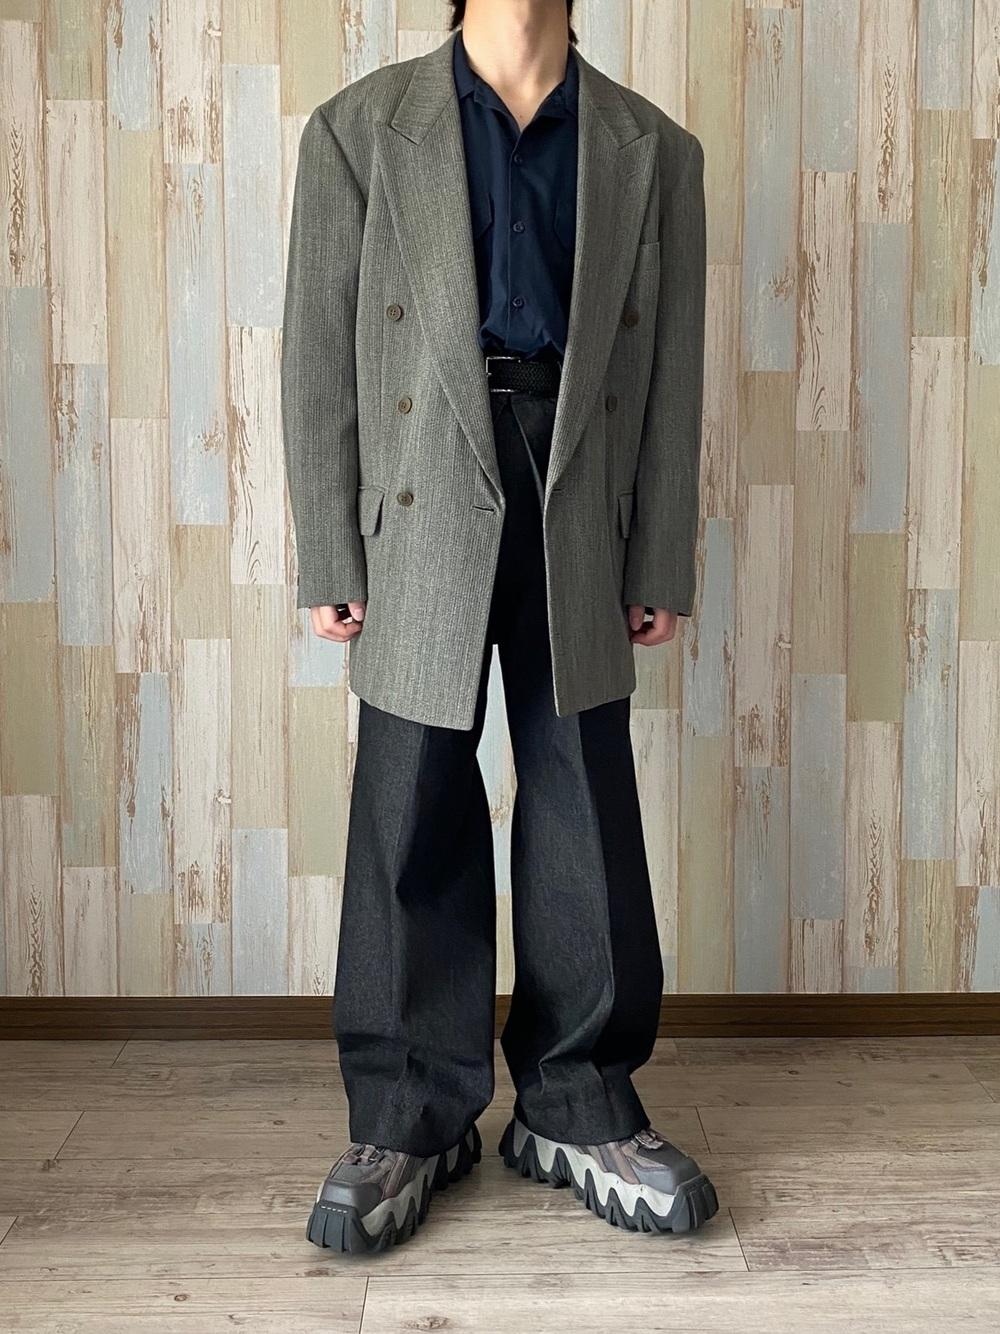 オーバーサイズのジャケットコーデ